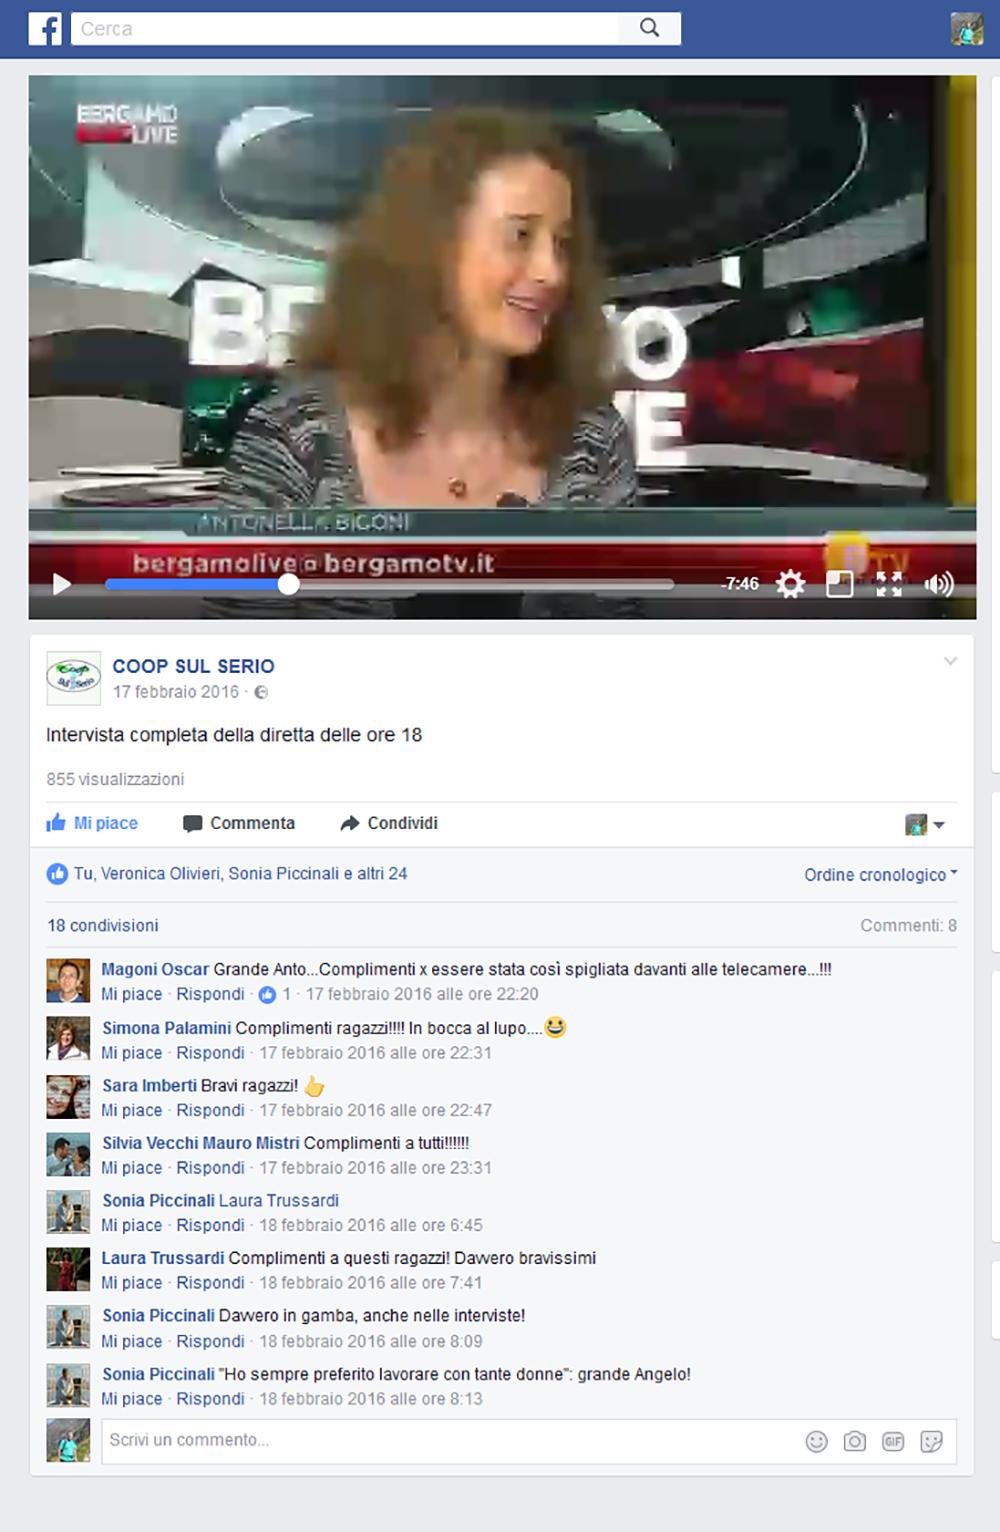 Intervista BergamoLive su BergamoTV